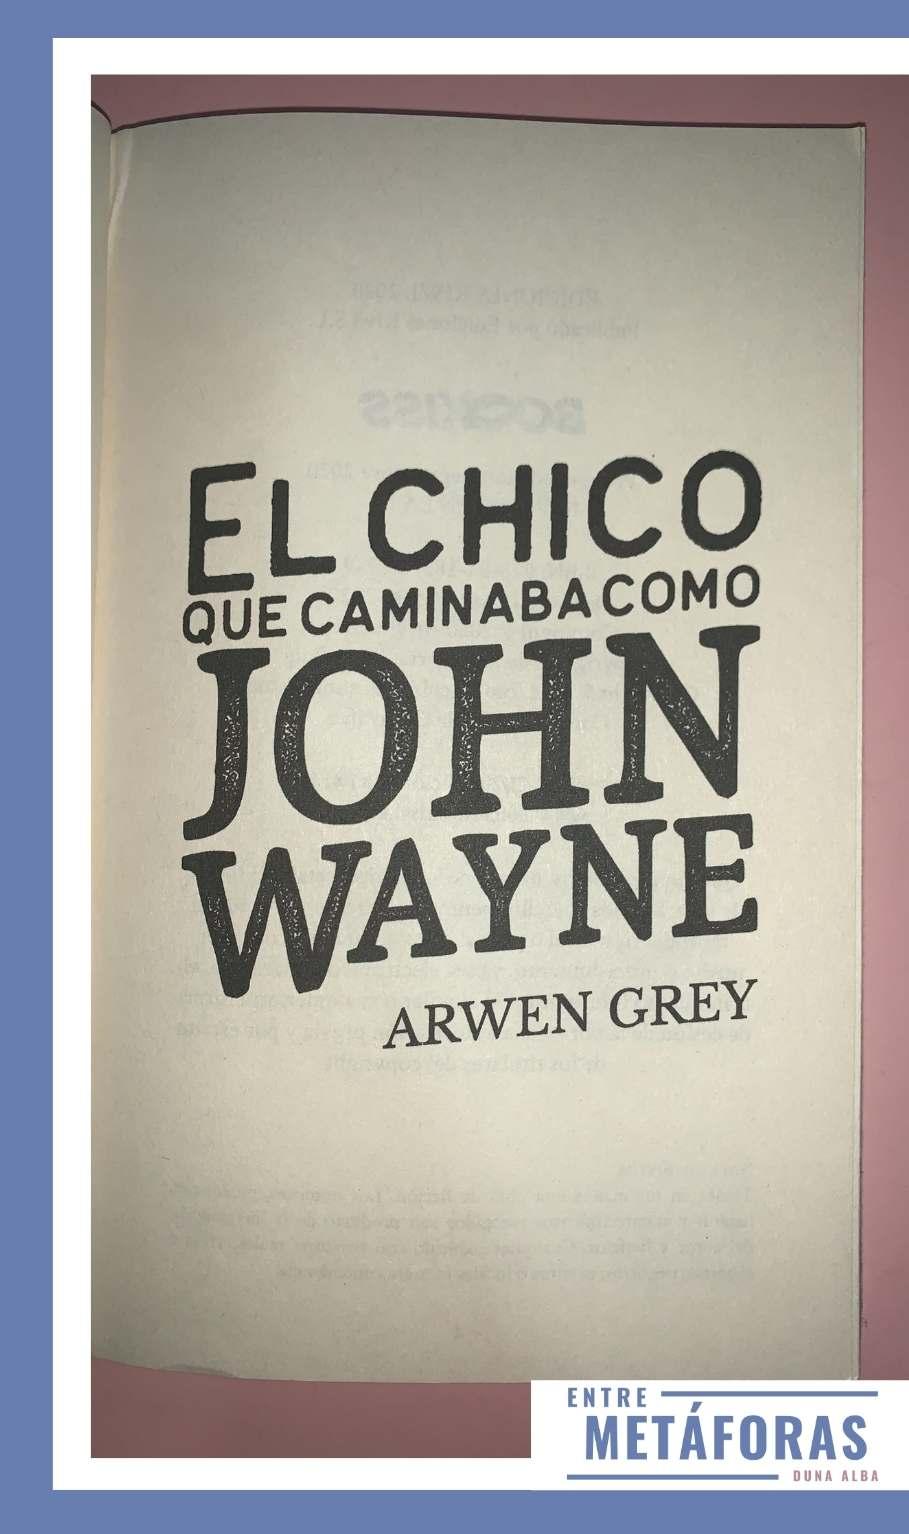 El chico que caminaba como John Wayne, de Arwen Grey - Reseña